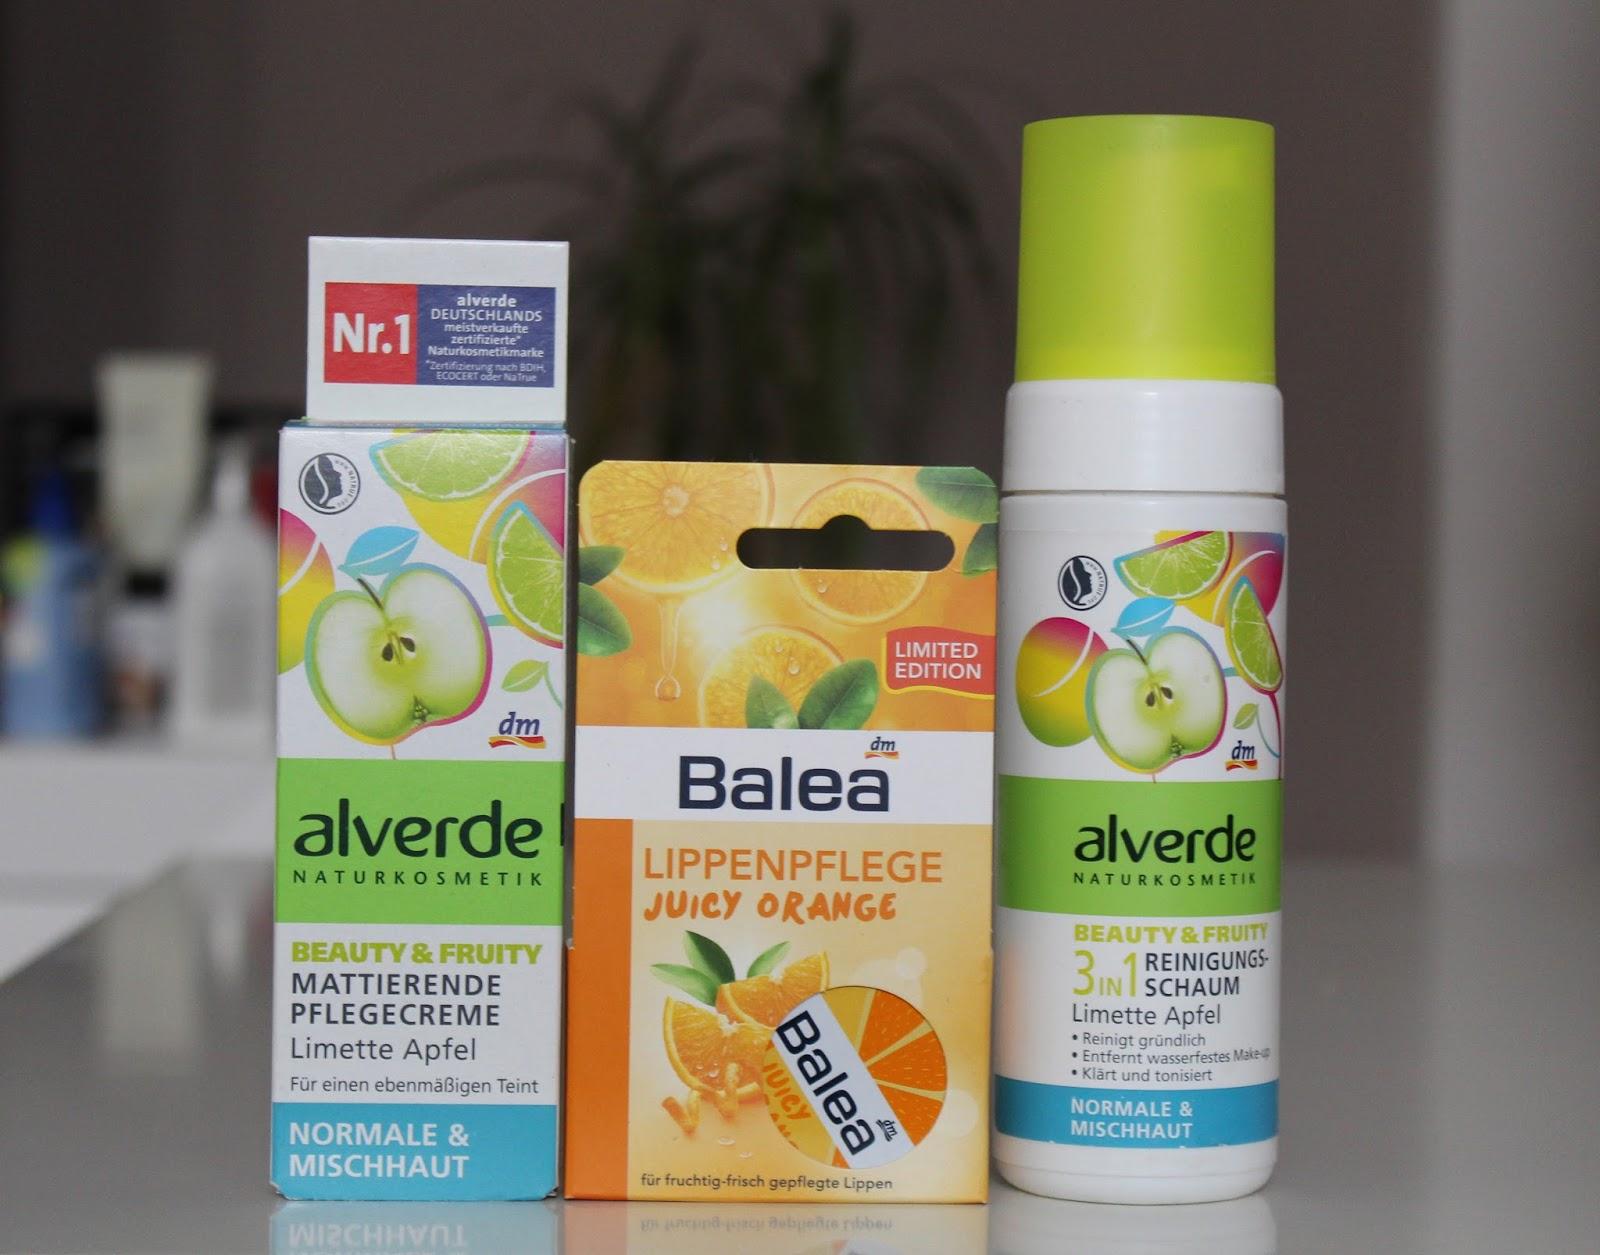 DM #2 Alverde matirajuća krema i pjena za normalnu i mještovitu kožu i Balea balzam od naranče